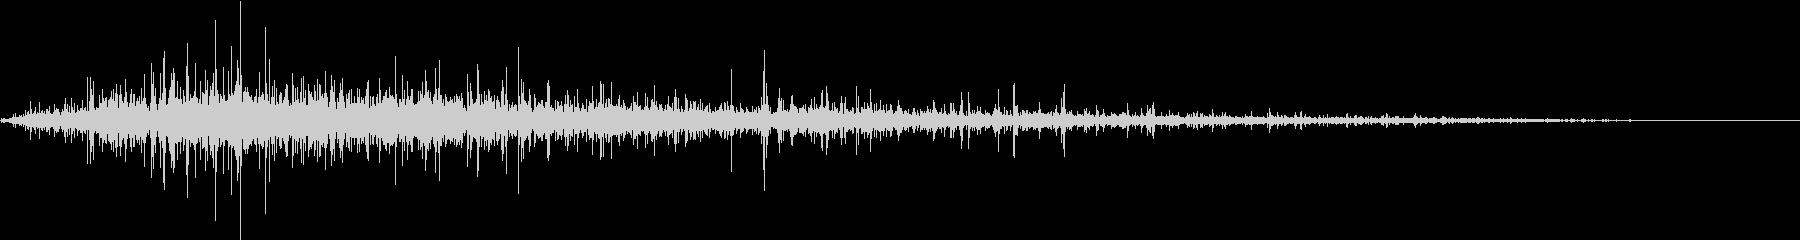 【生録音】ジューっと食材が焼ける音 1の未再生の波形